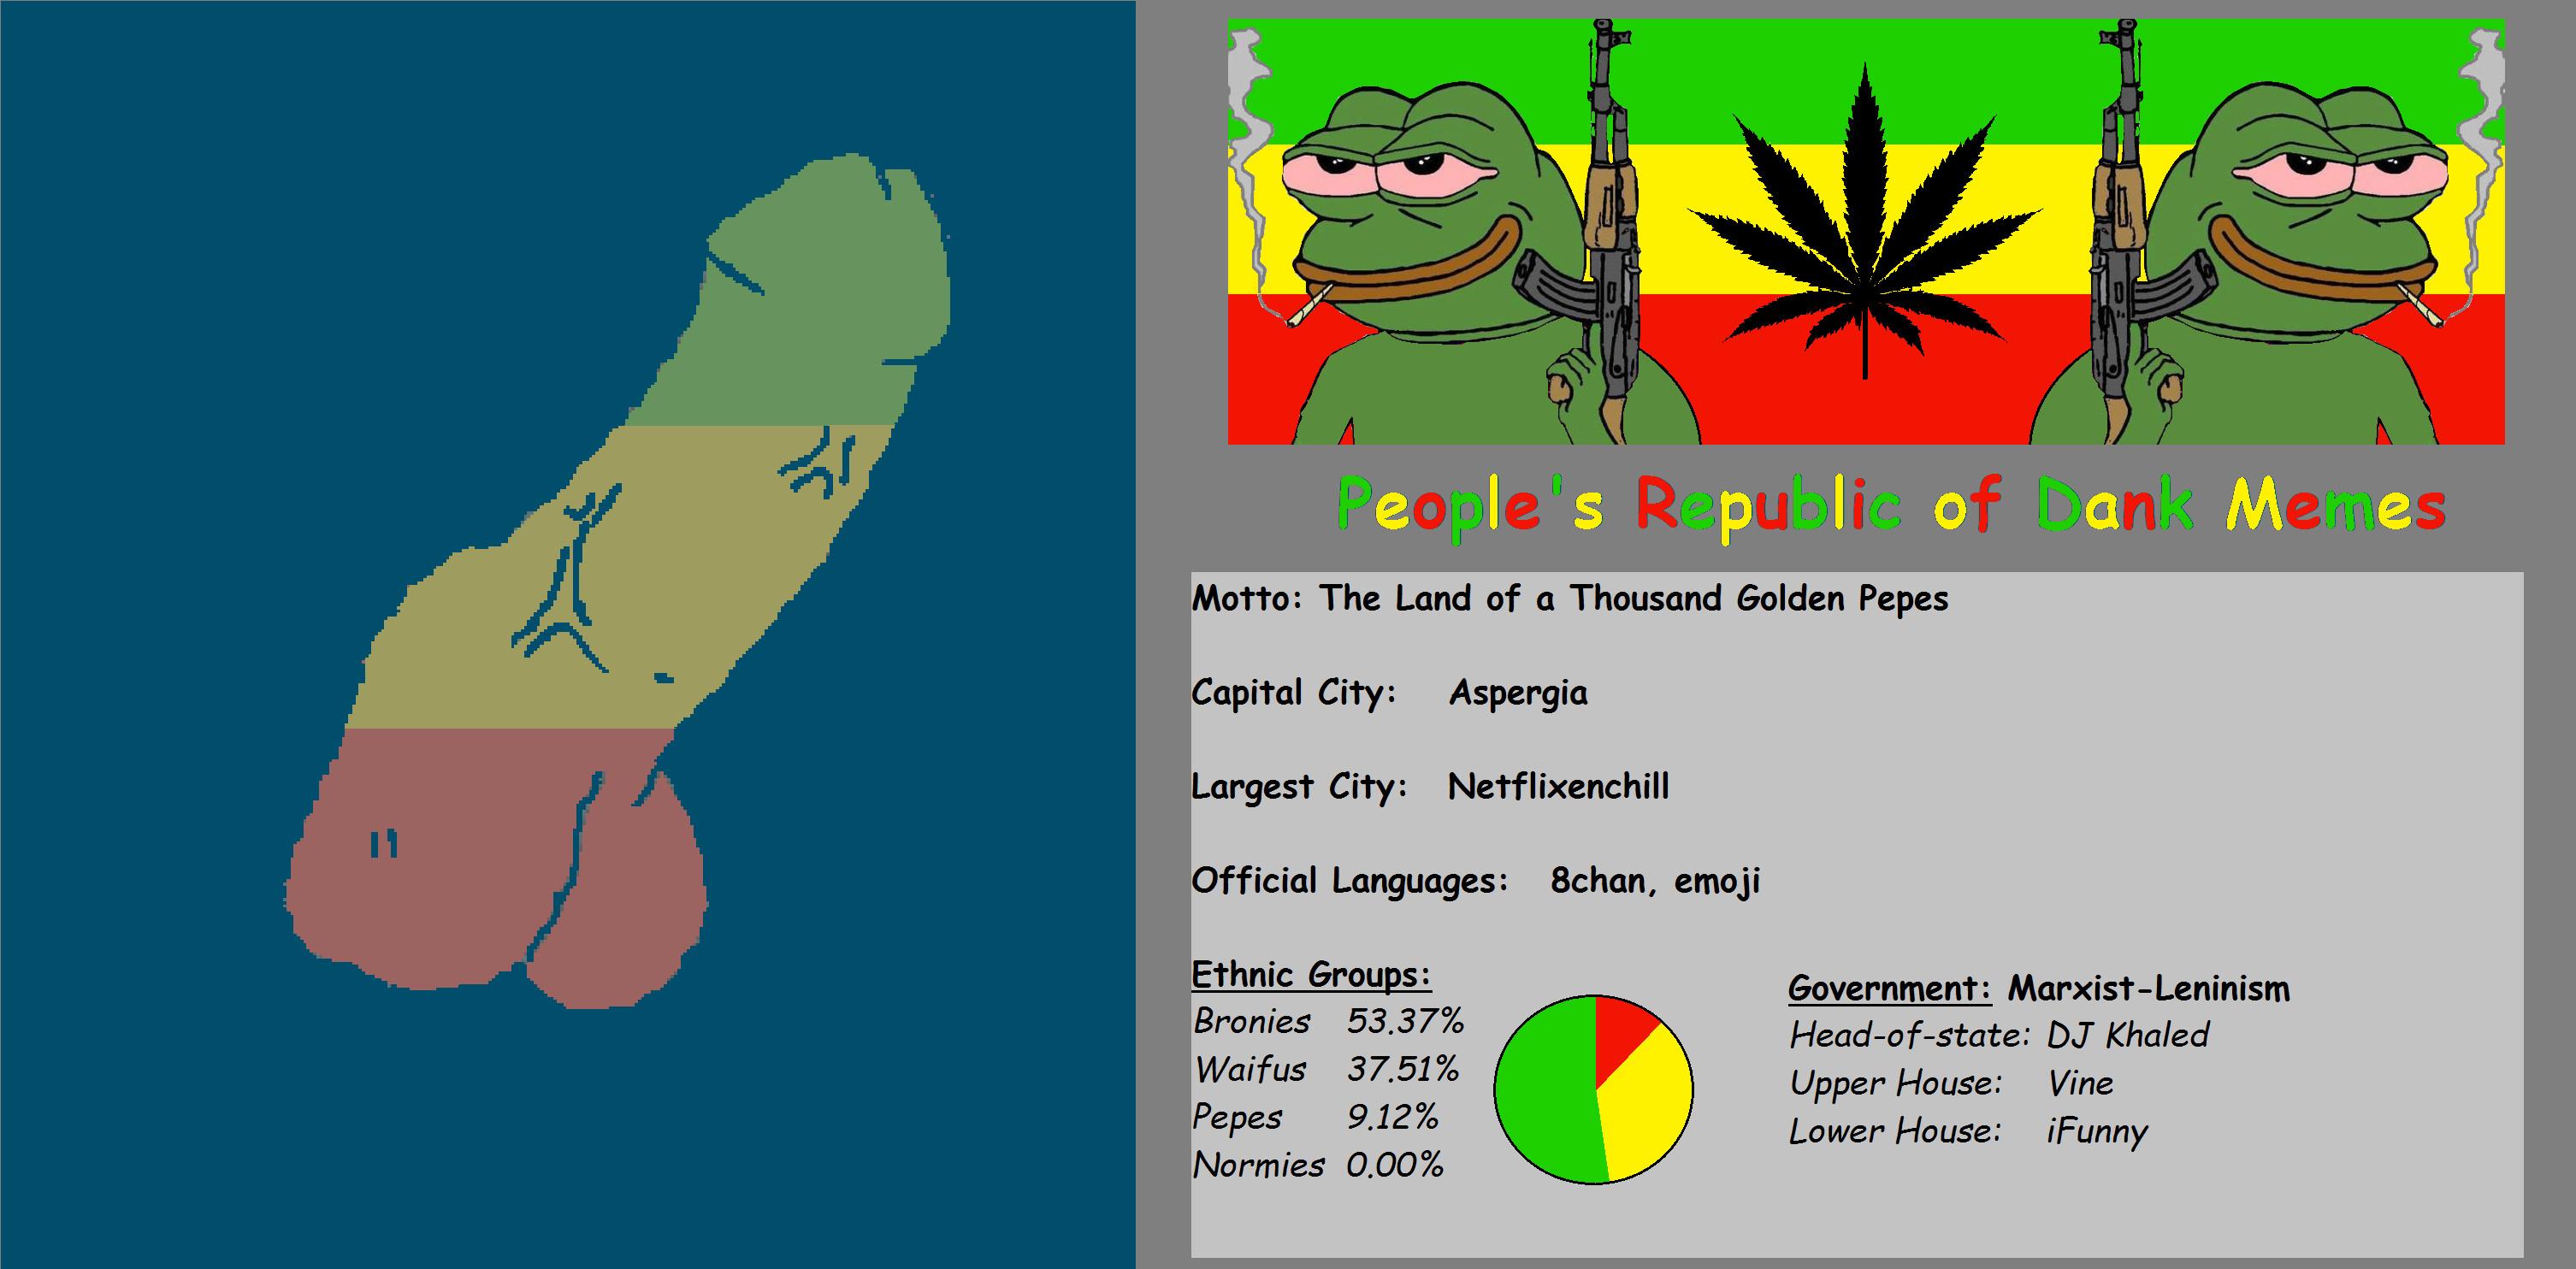 … The People's Republic of Dank Memes by deviantsock